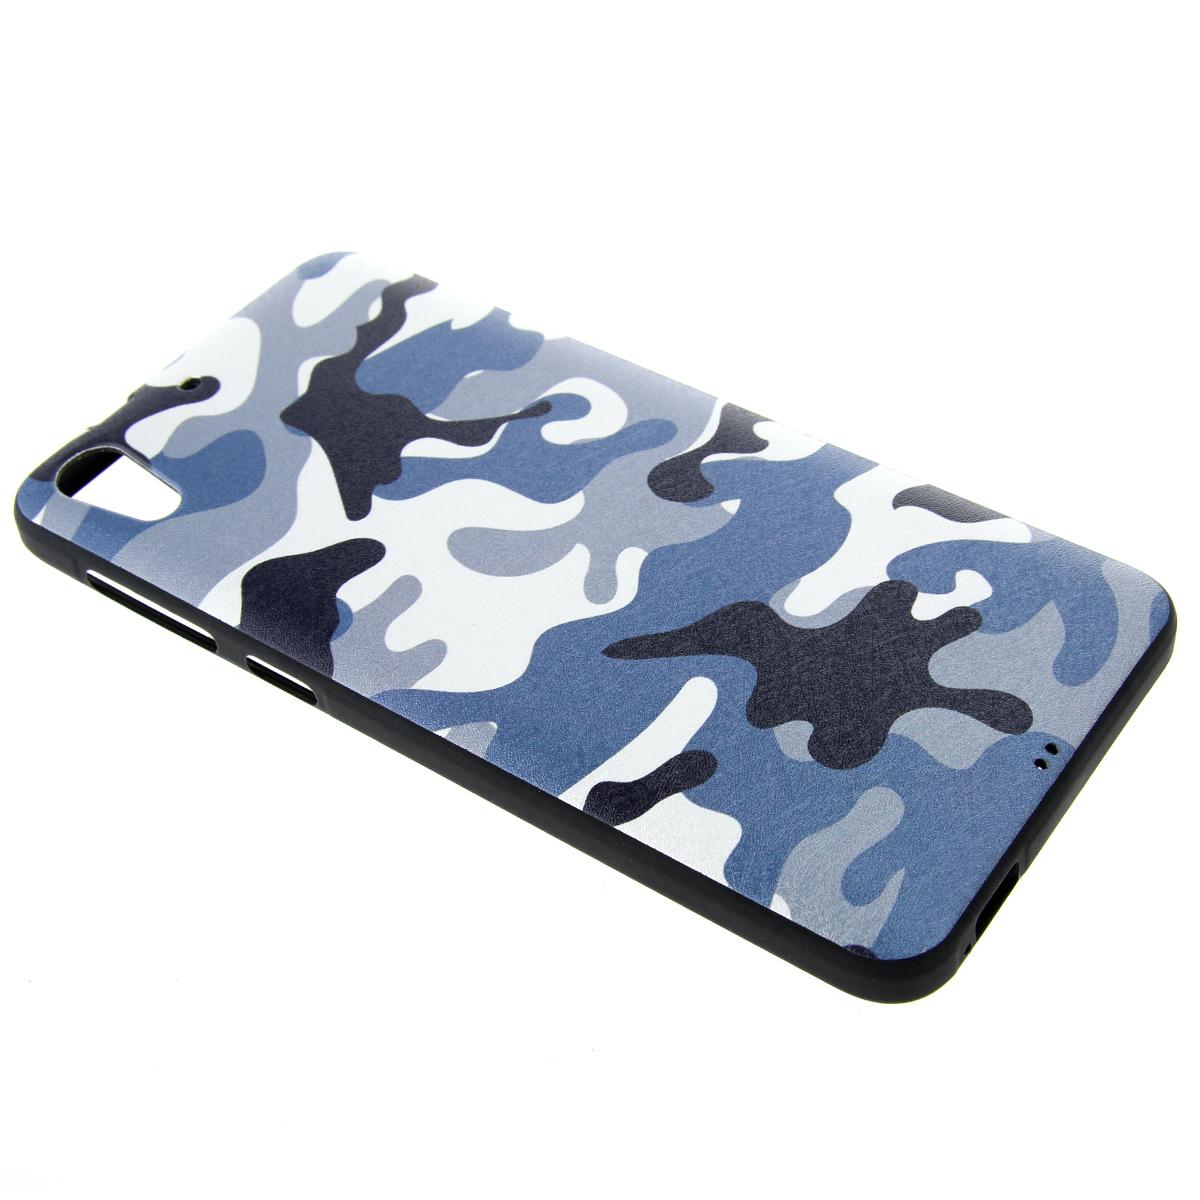 Moonmini Silicone Back Case Cover for HTC Desire 728 (Multicolor) -